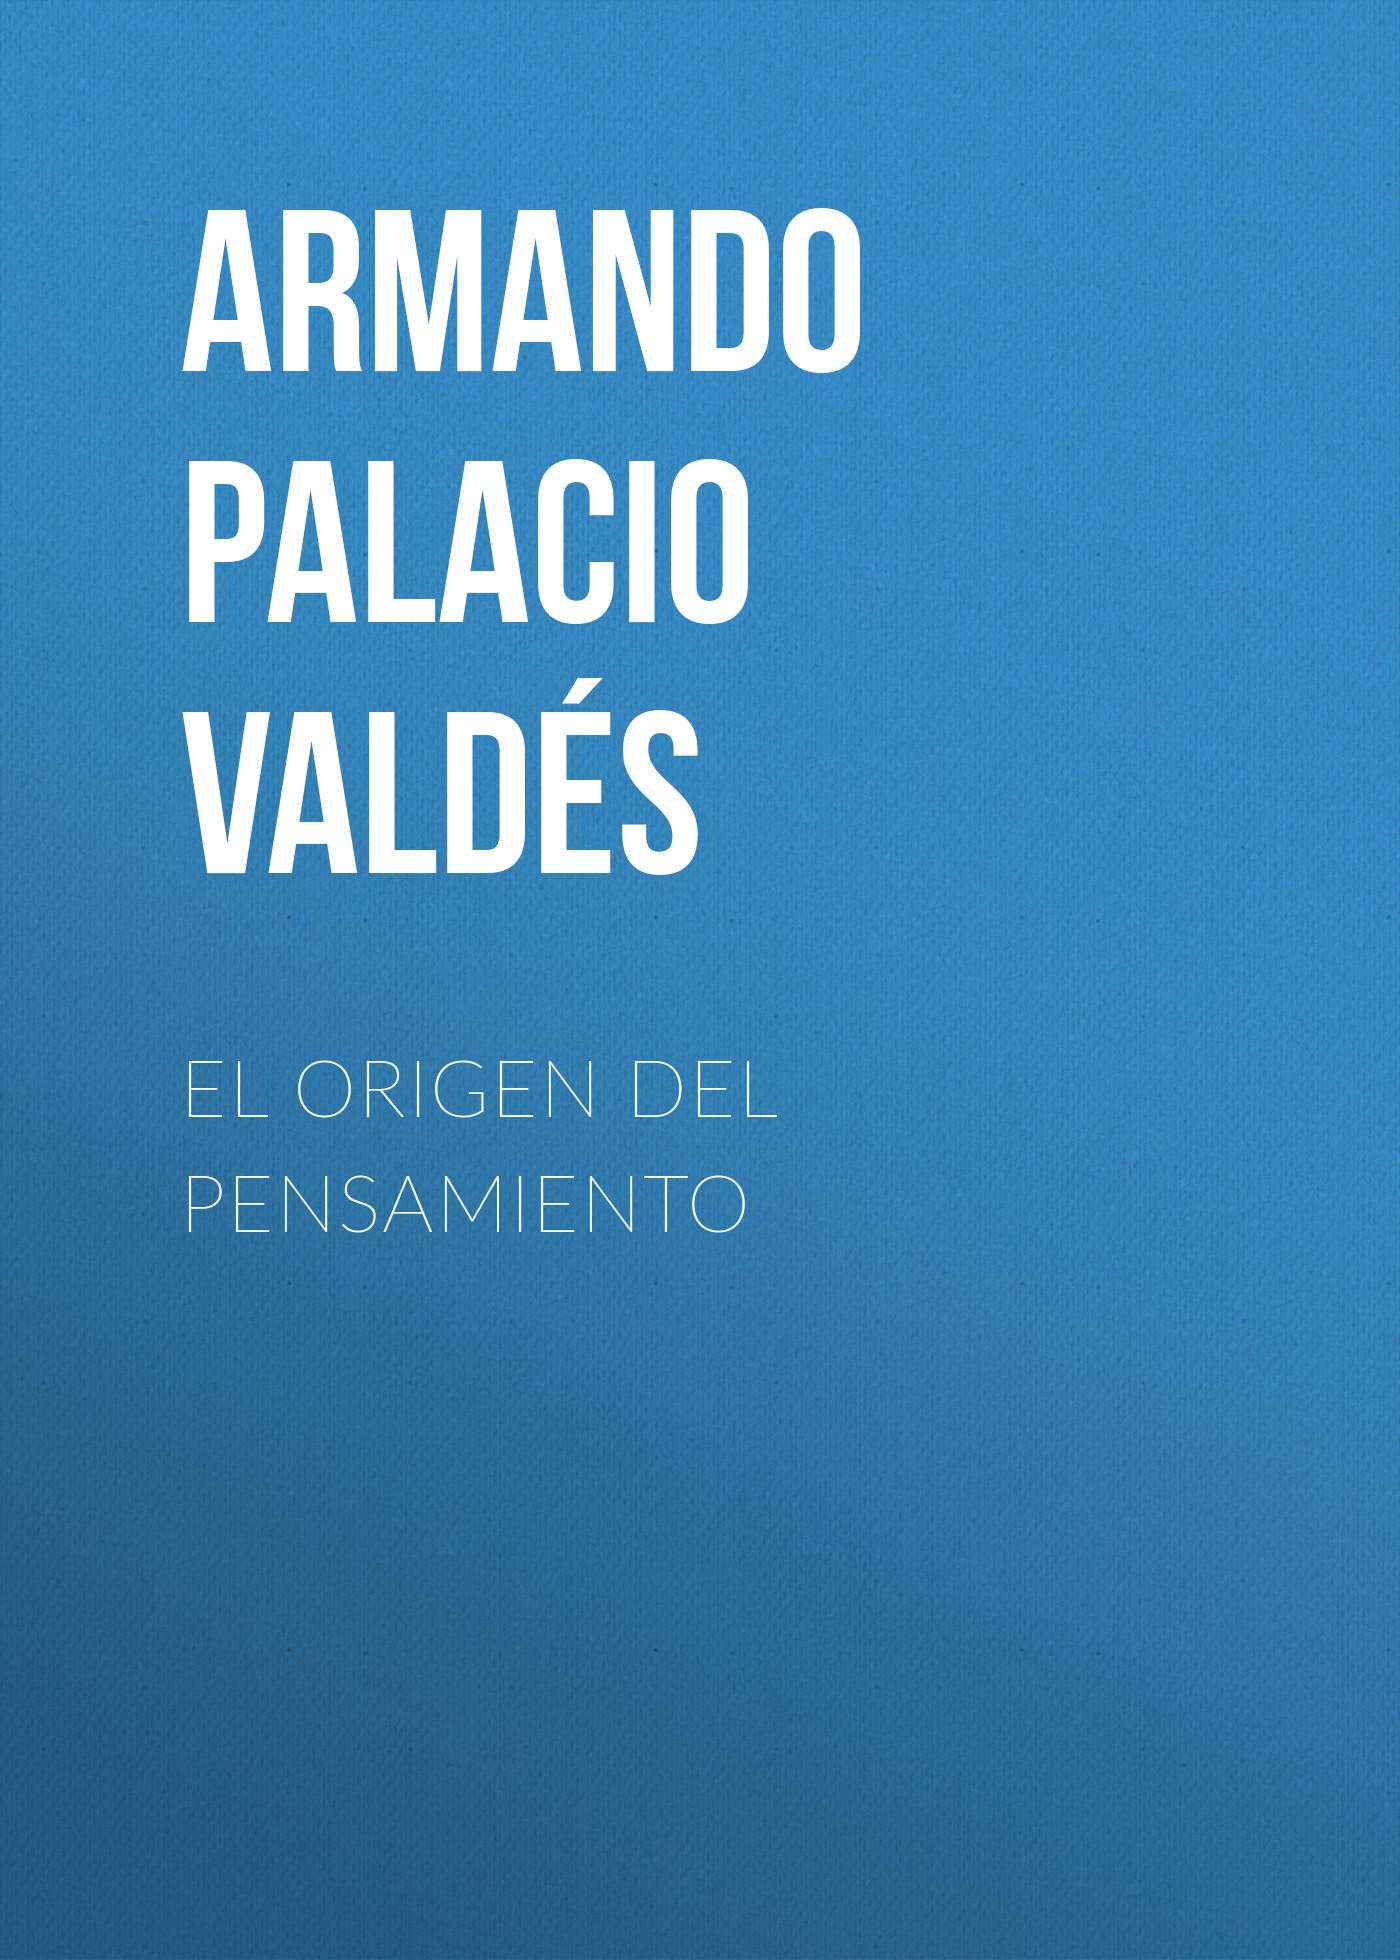 Armando Palacio Valdés El origen del pensamiento origen